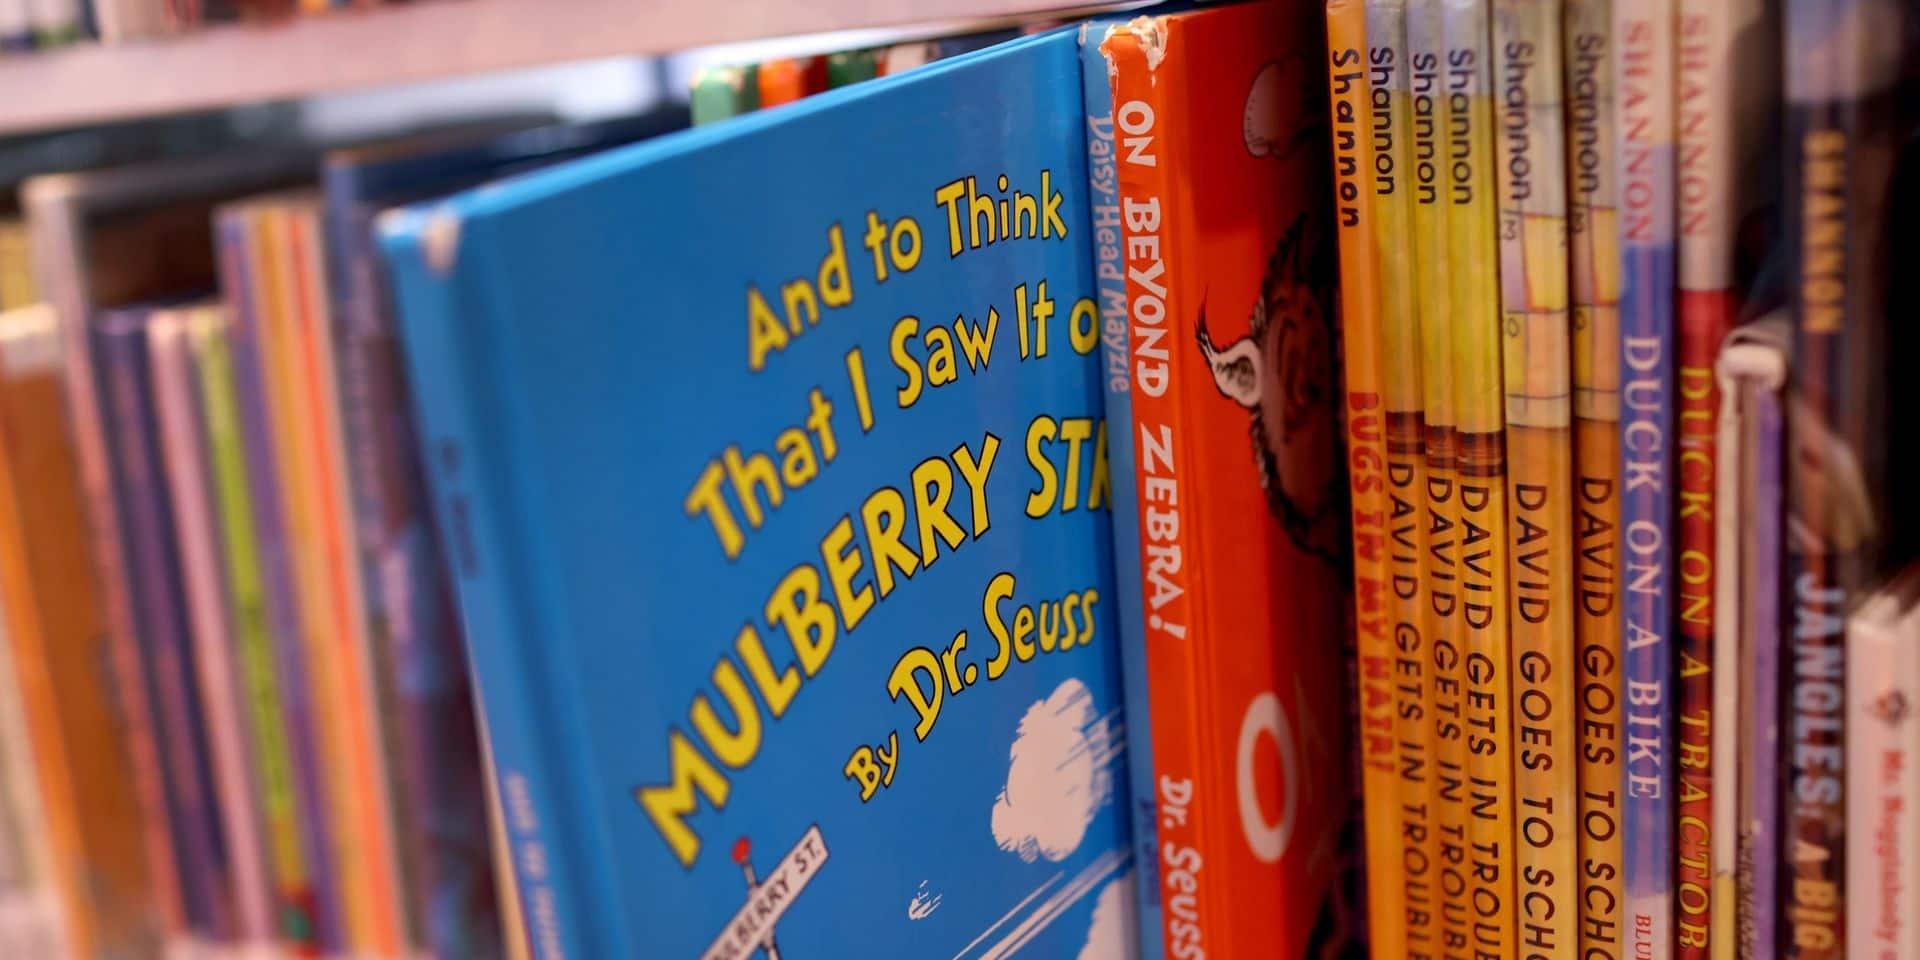 """Dr. Seuss raciste? Des livres retirés, la droite américaine dénonce la """"cancel culture"""""""